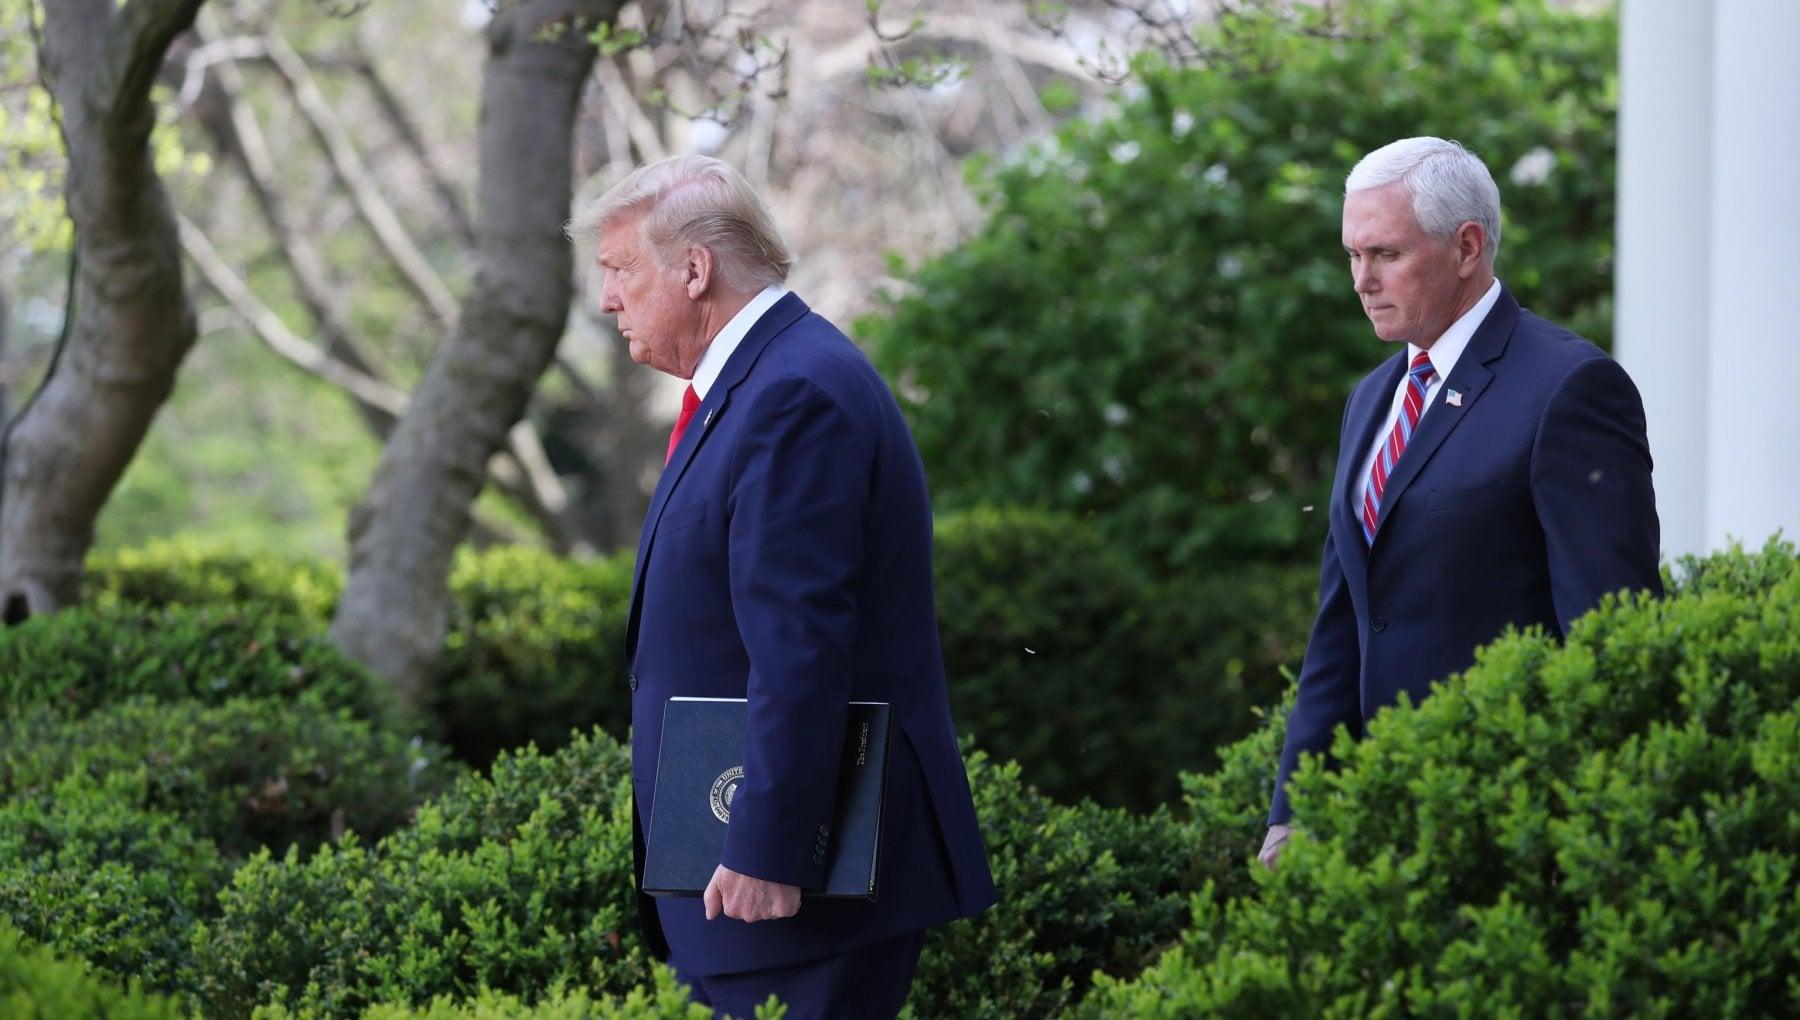 Stati Uniti primo incontro Trump Pence dopo i disordini Avanti fino a fine mandato